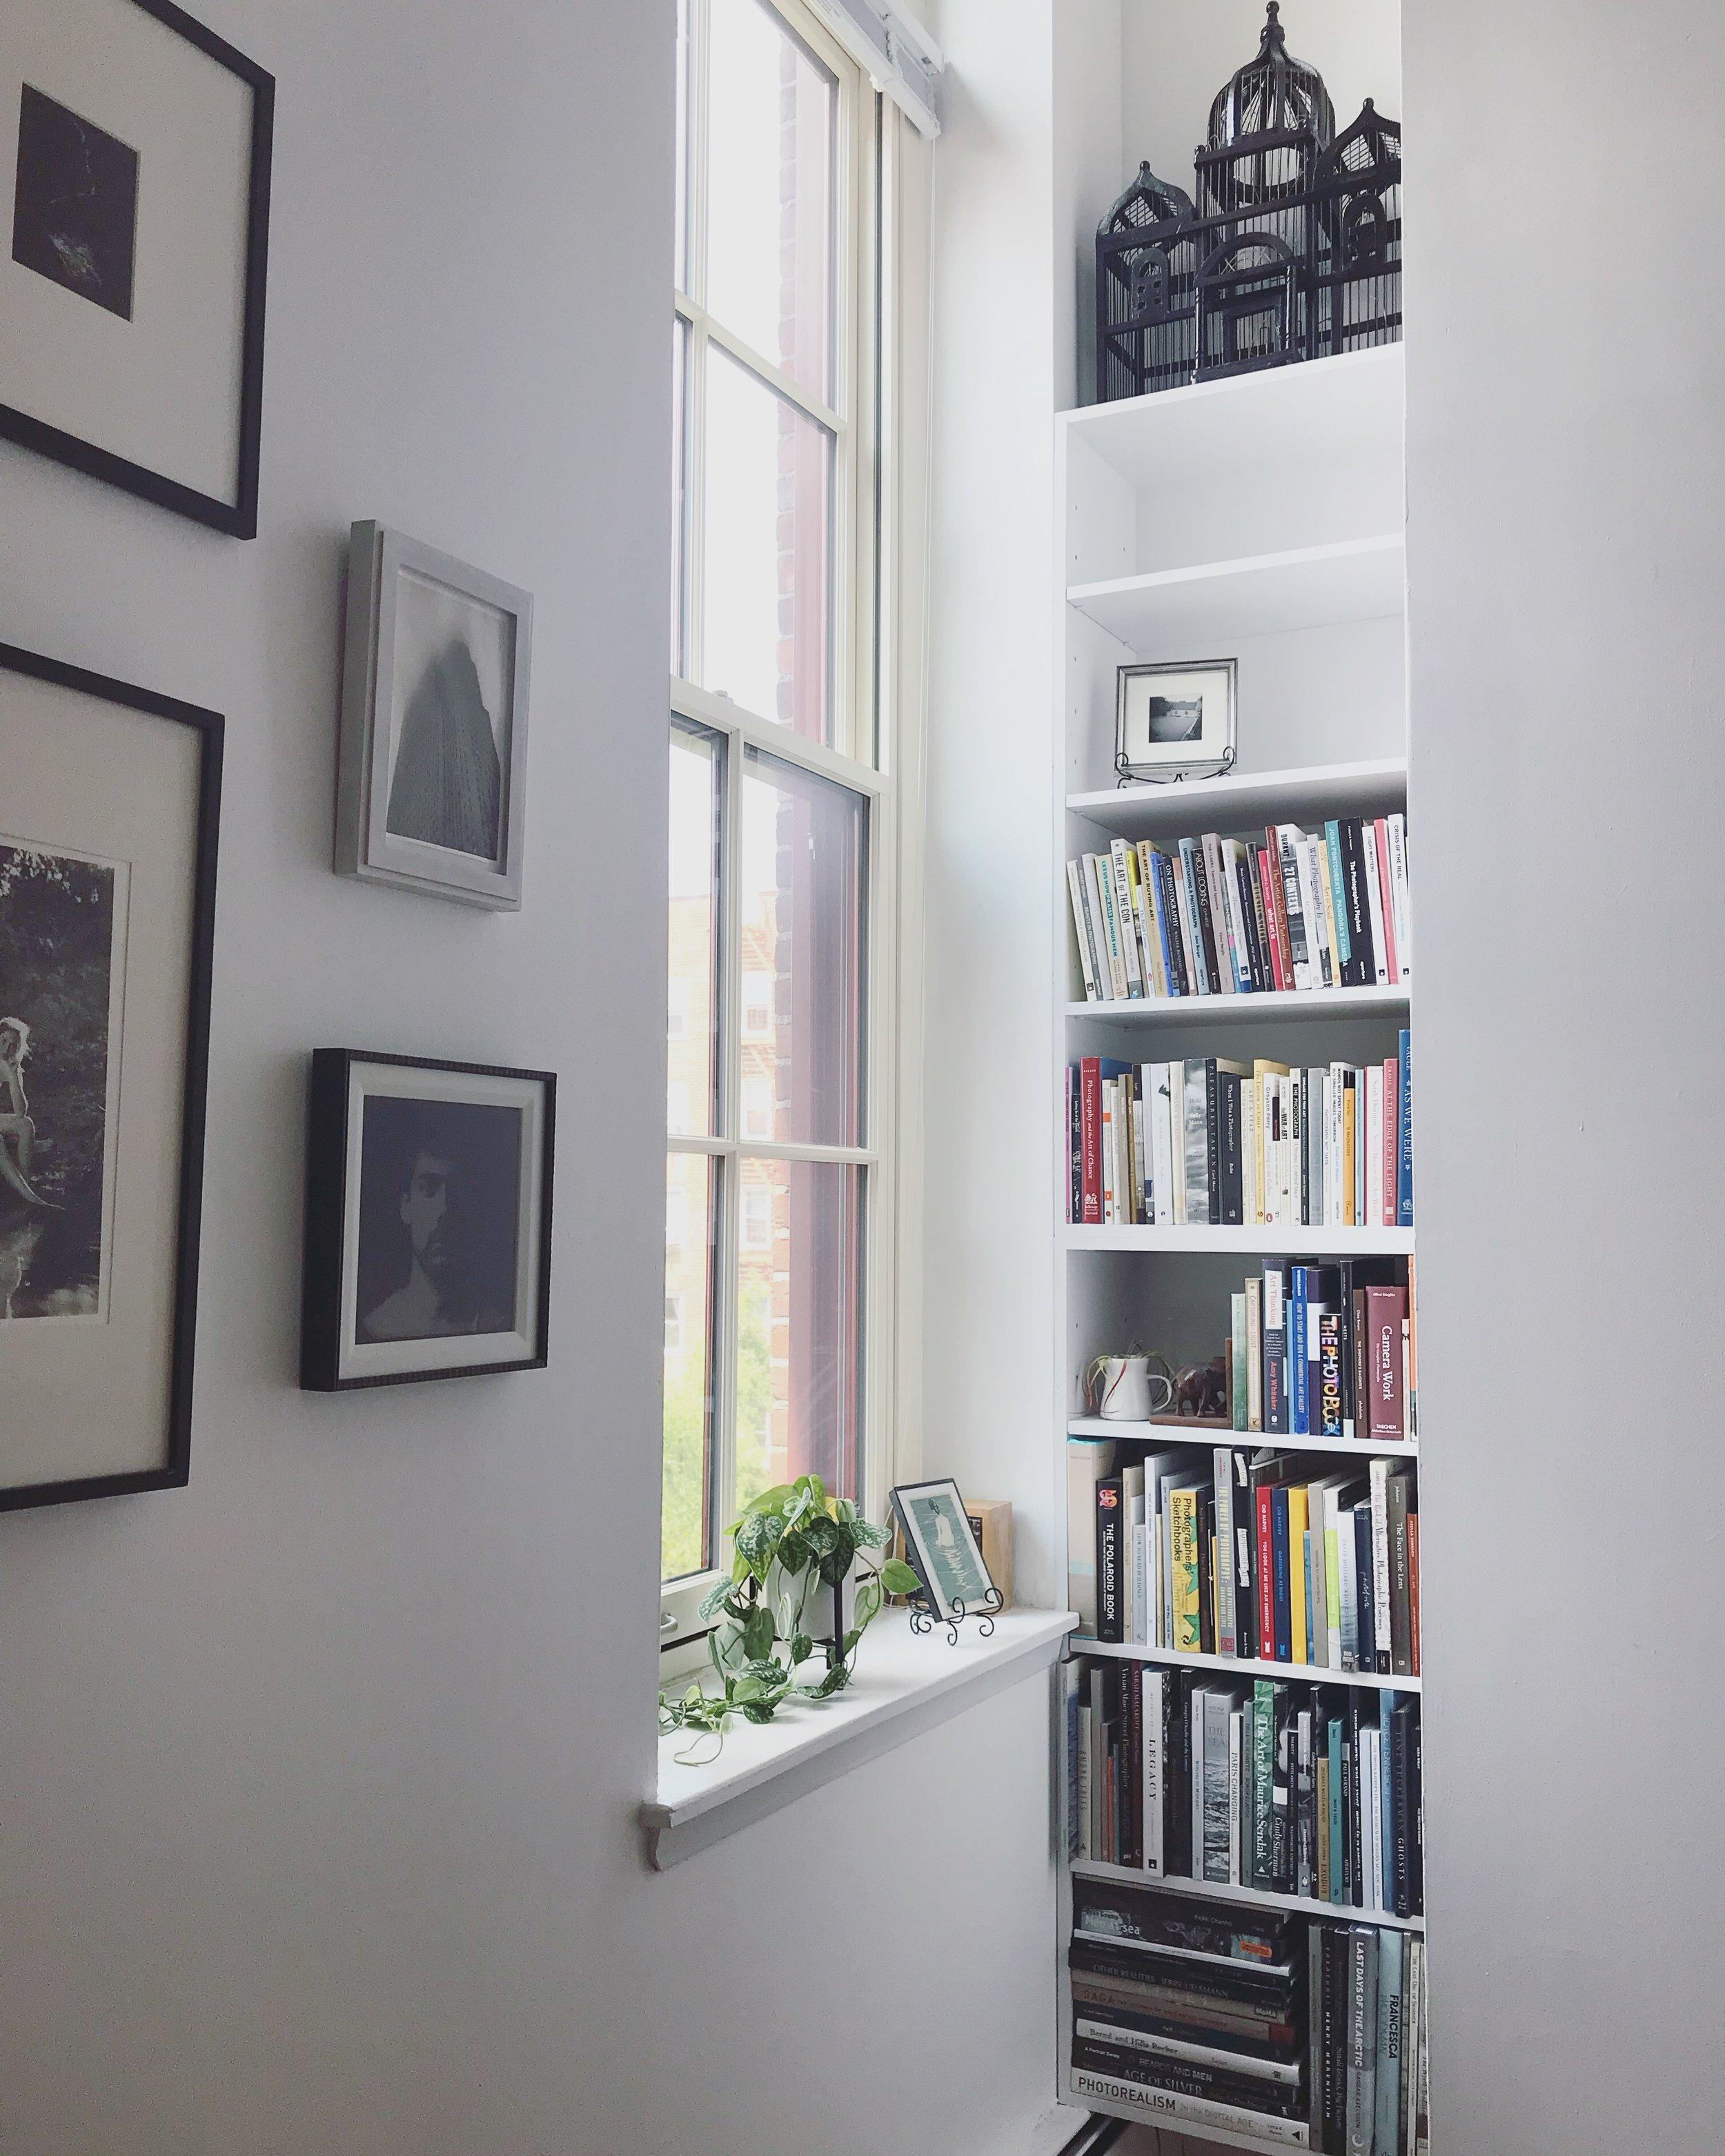 Kat's corner shelves.